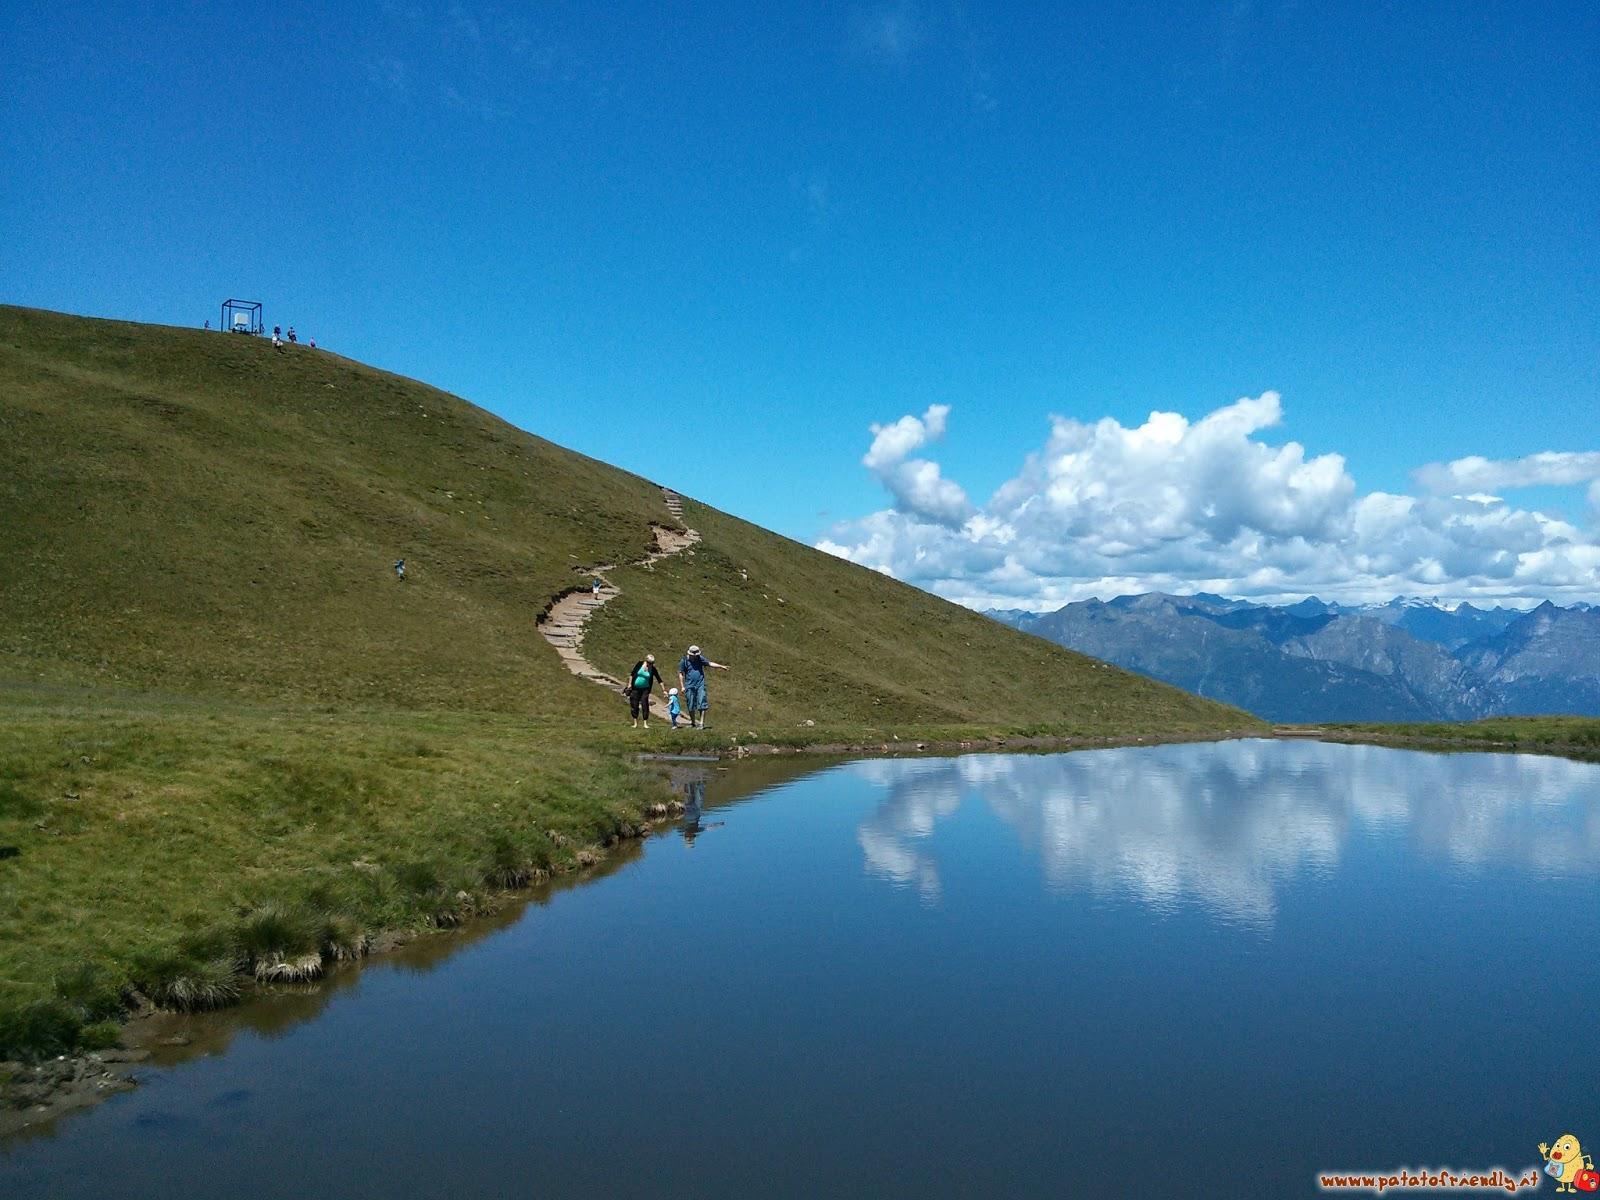 Il Lago di Lugano in Svizzera